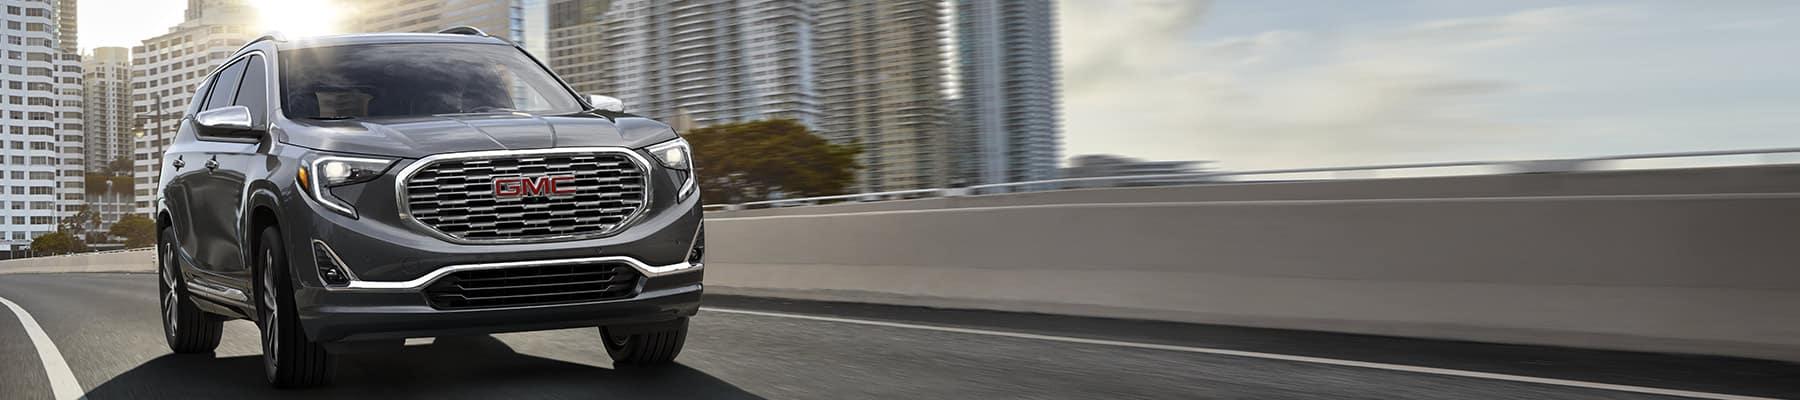 2019 GMC Terrain driving down a road